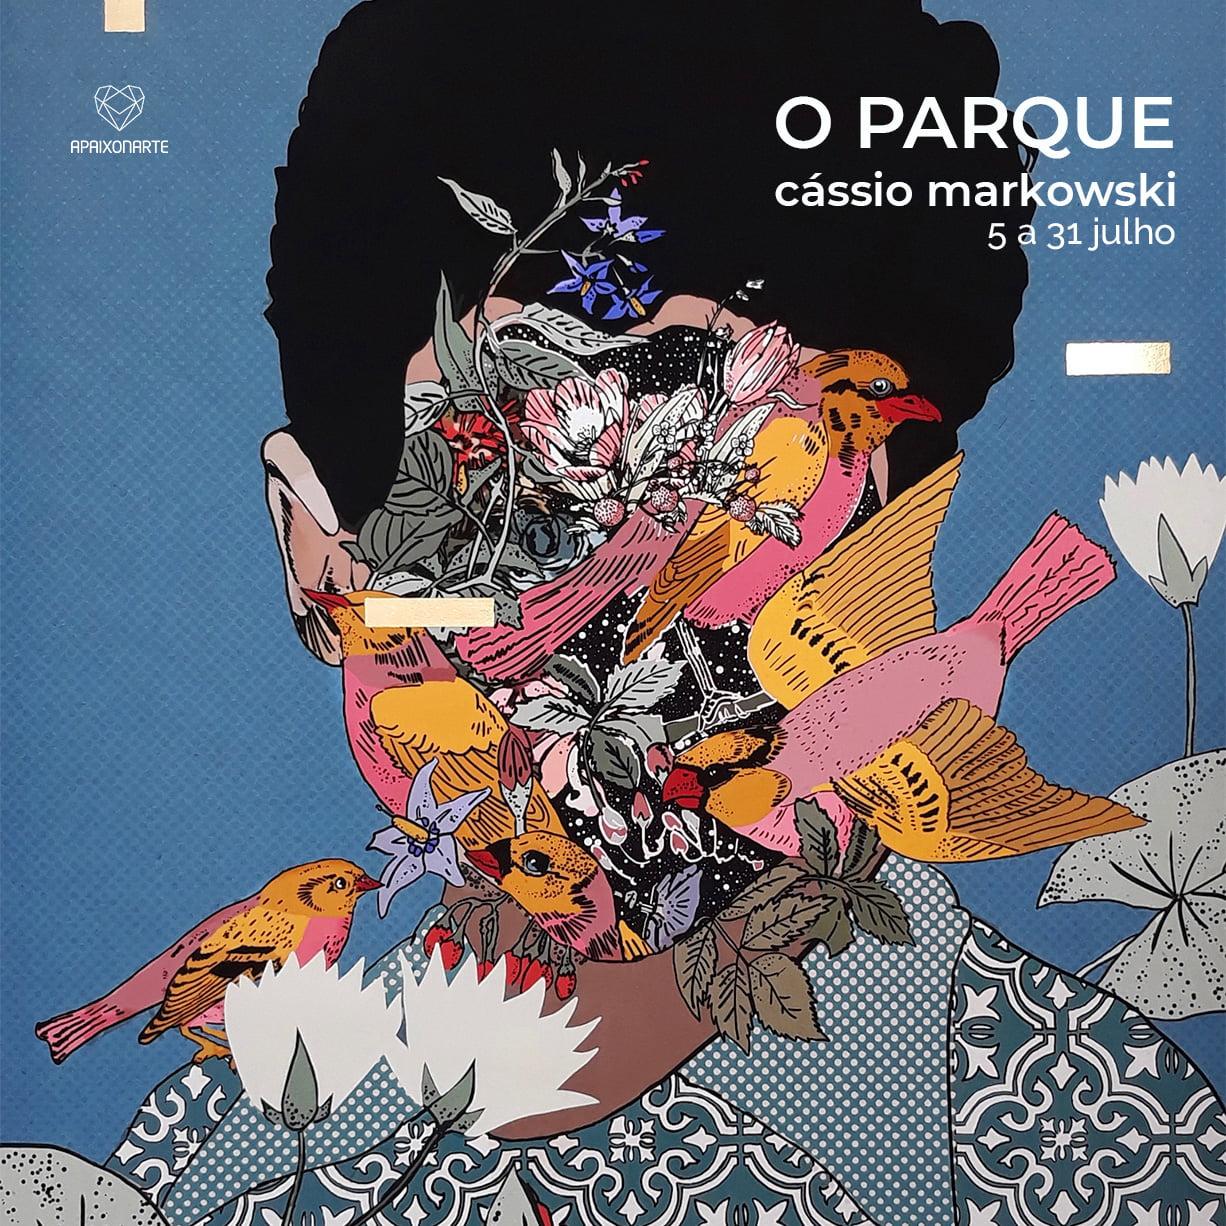 Cássio-Markowski-exposição o-parque